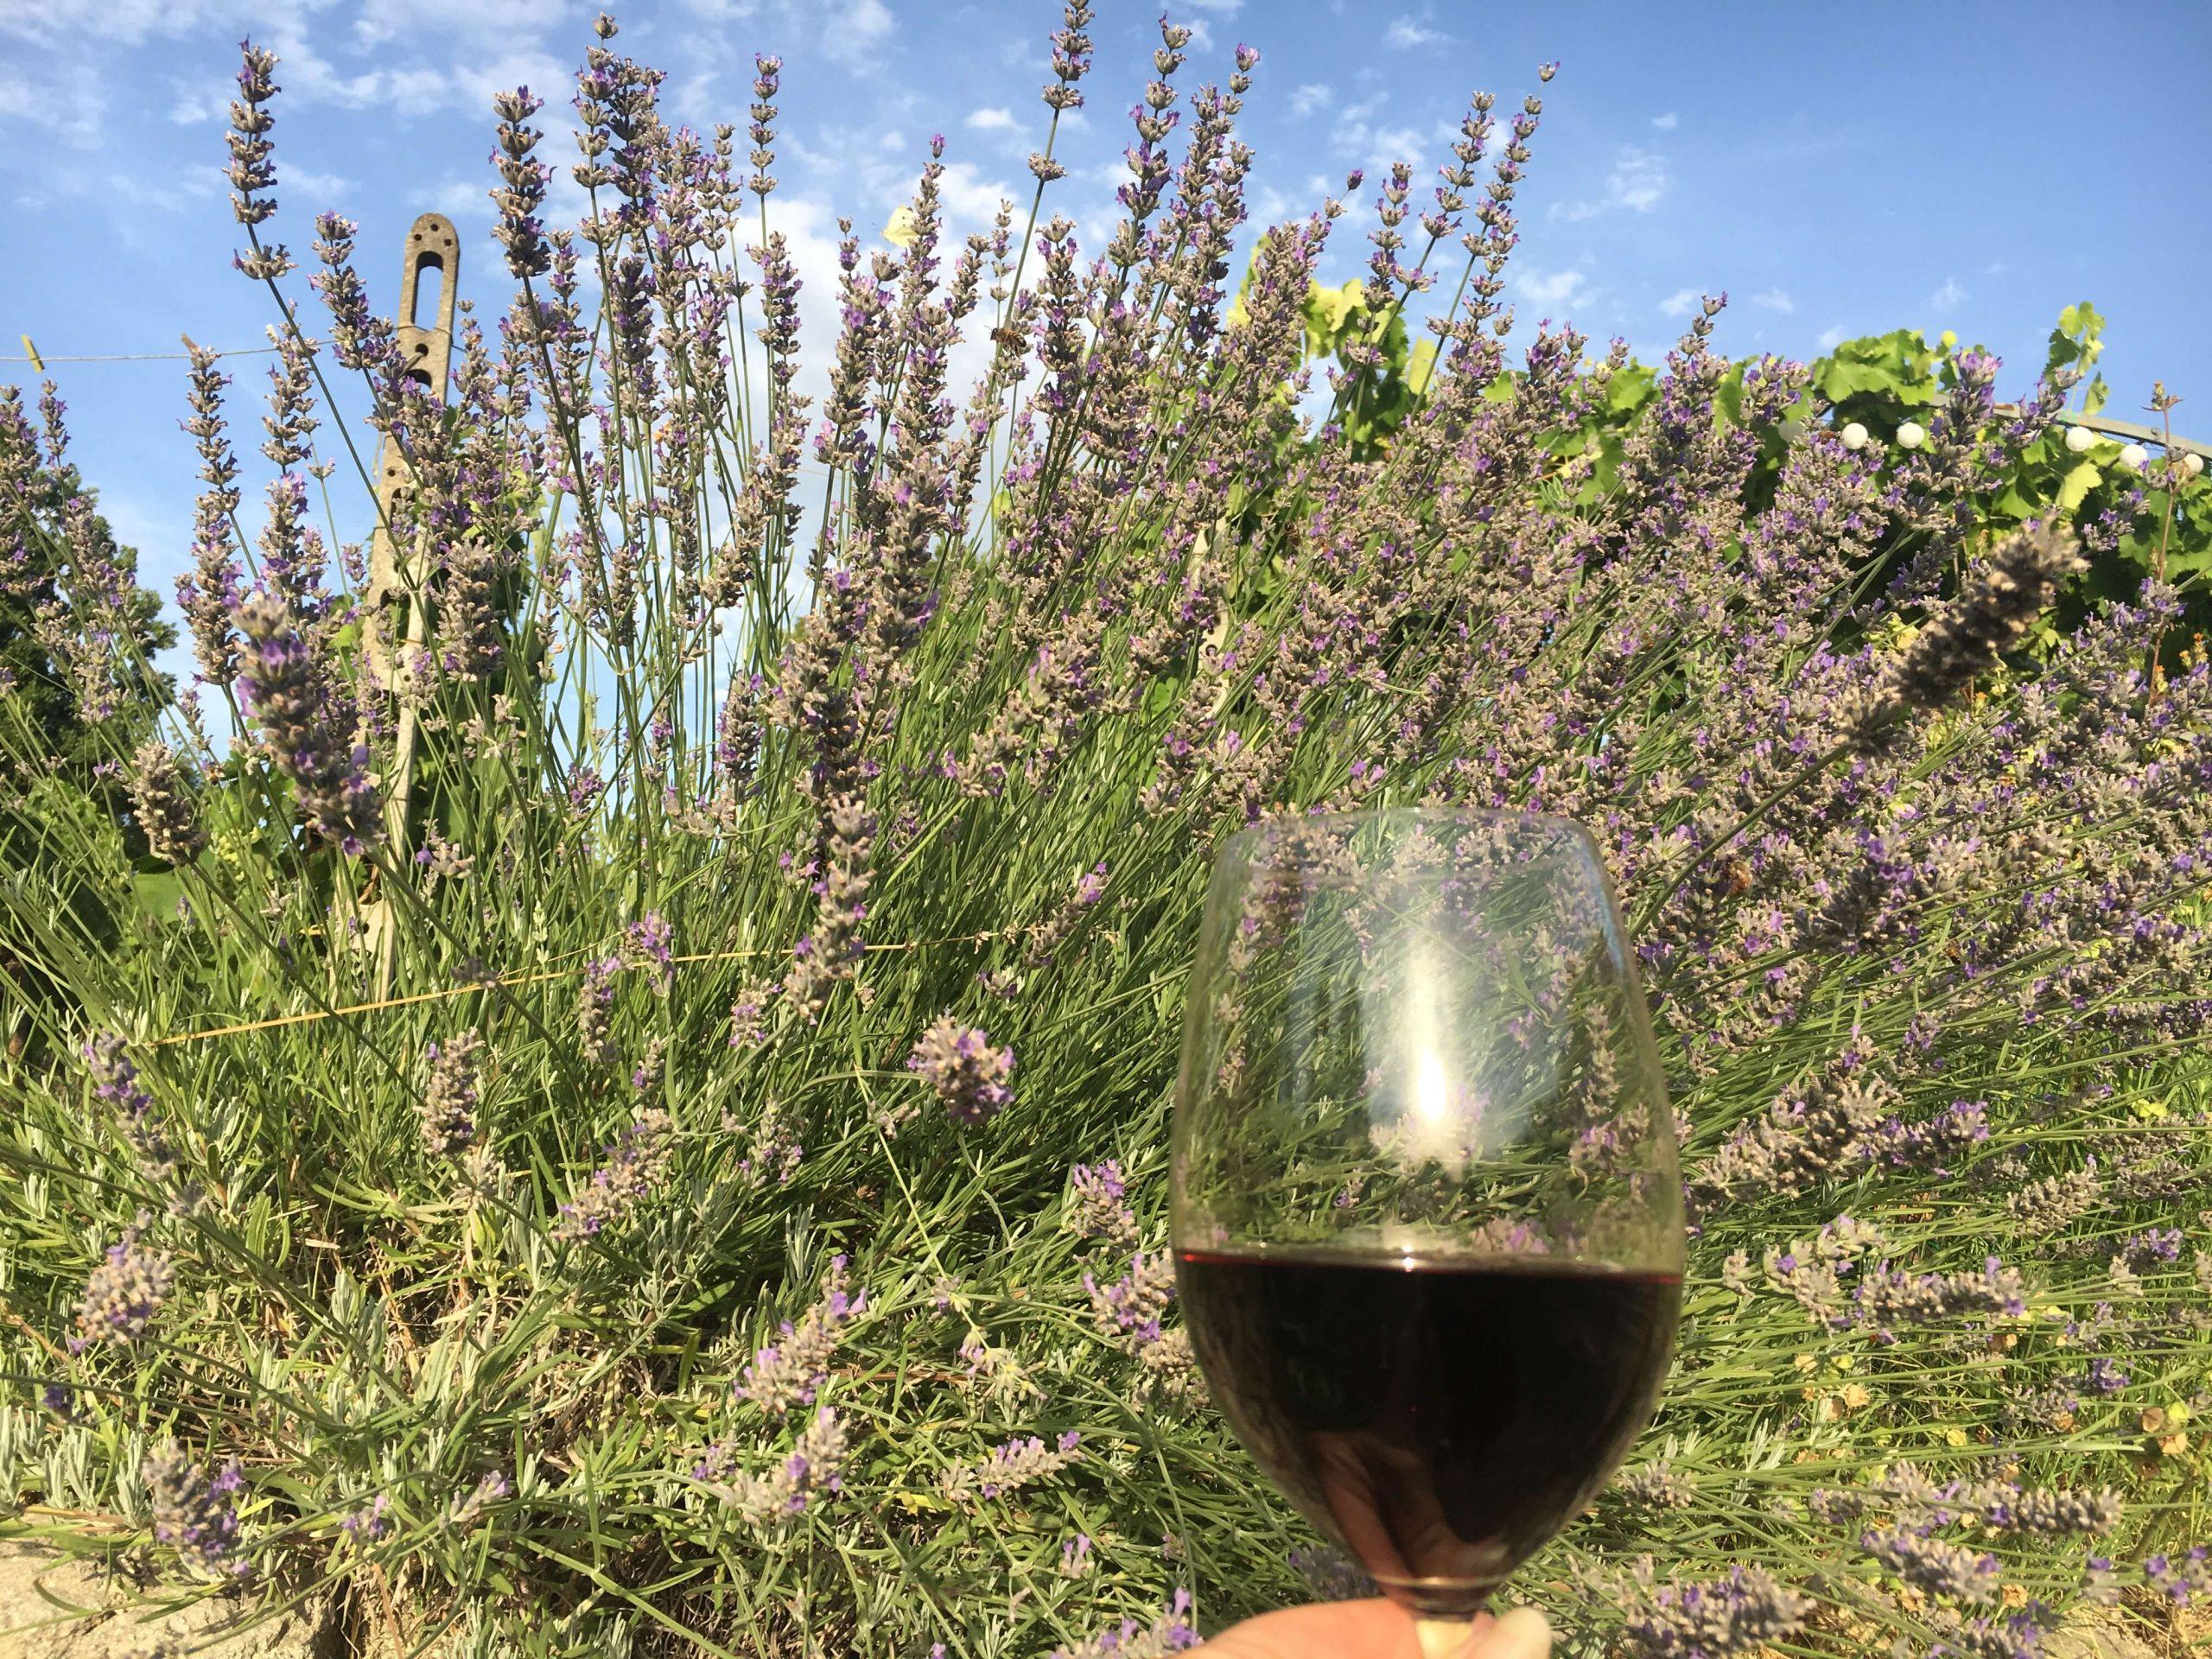 Blomster og vin – 6 vintips til hagen